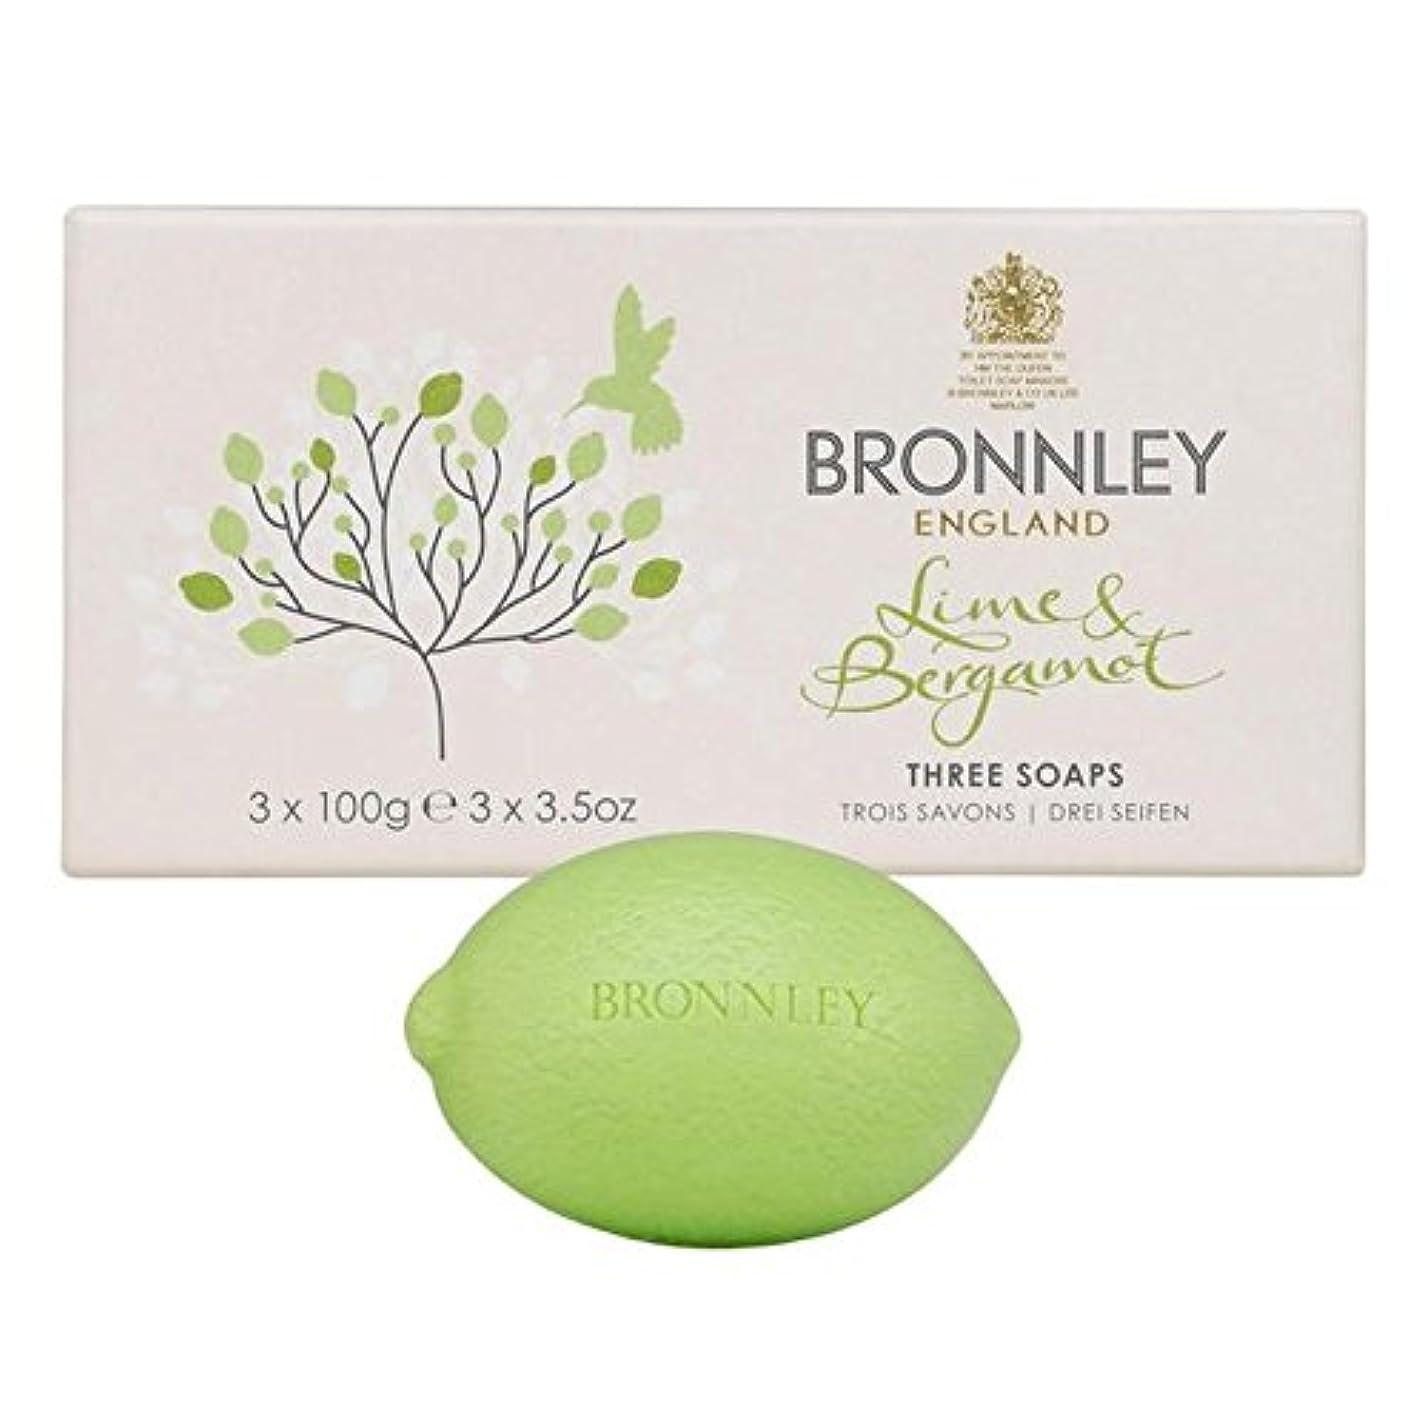 迫害ドキュメンタリーアートライム&ベルガモット石鹸3×100グラム x2 - Bronnley Lime & Bergamot Soap 3 x 100g (Pack of 2) [並行輸入品]